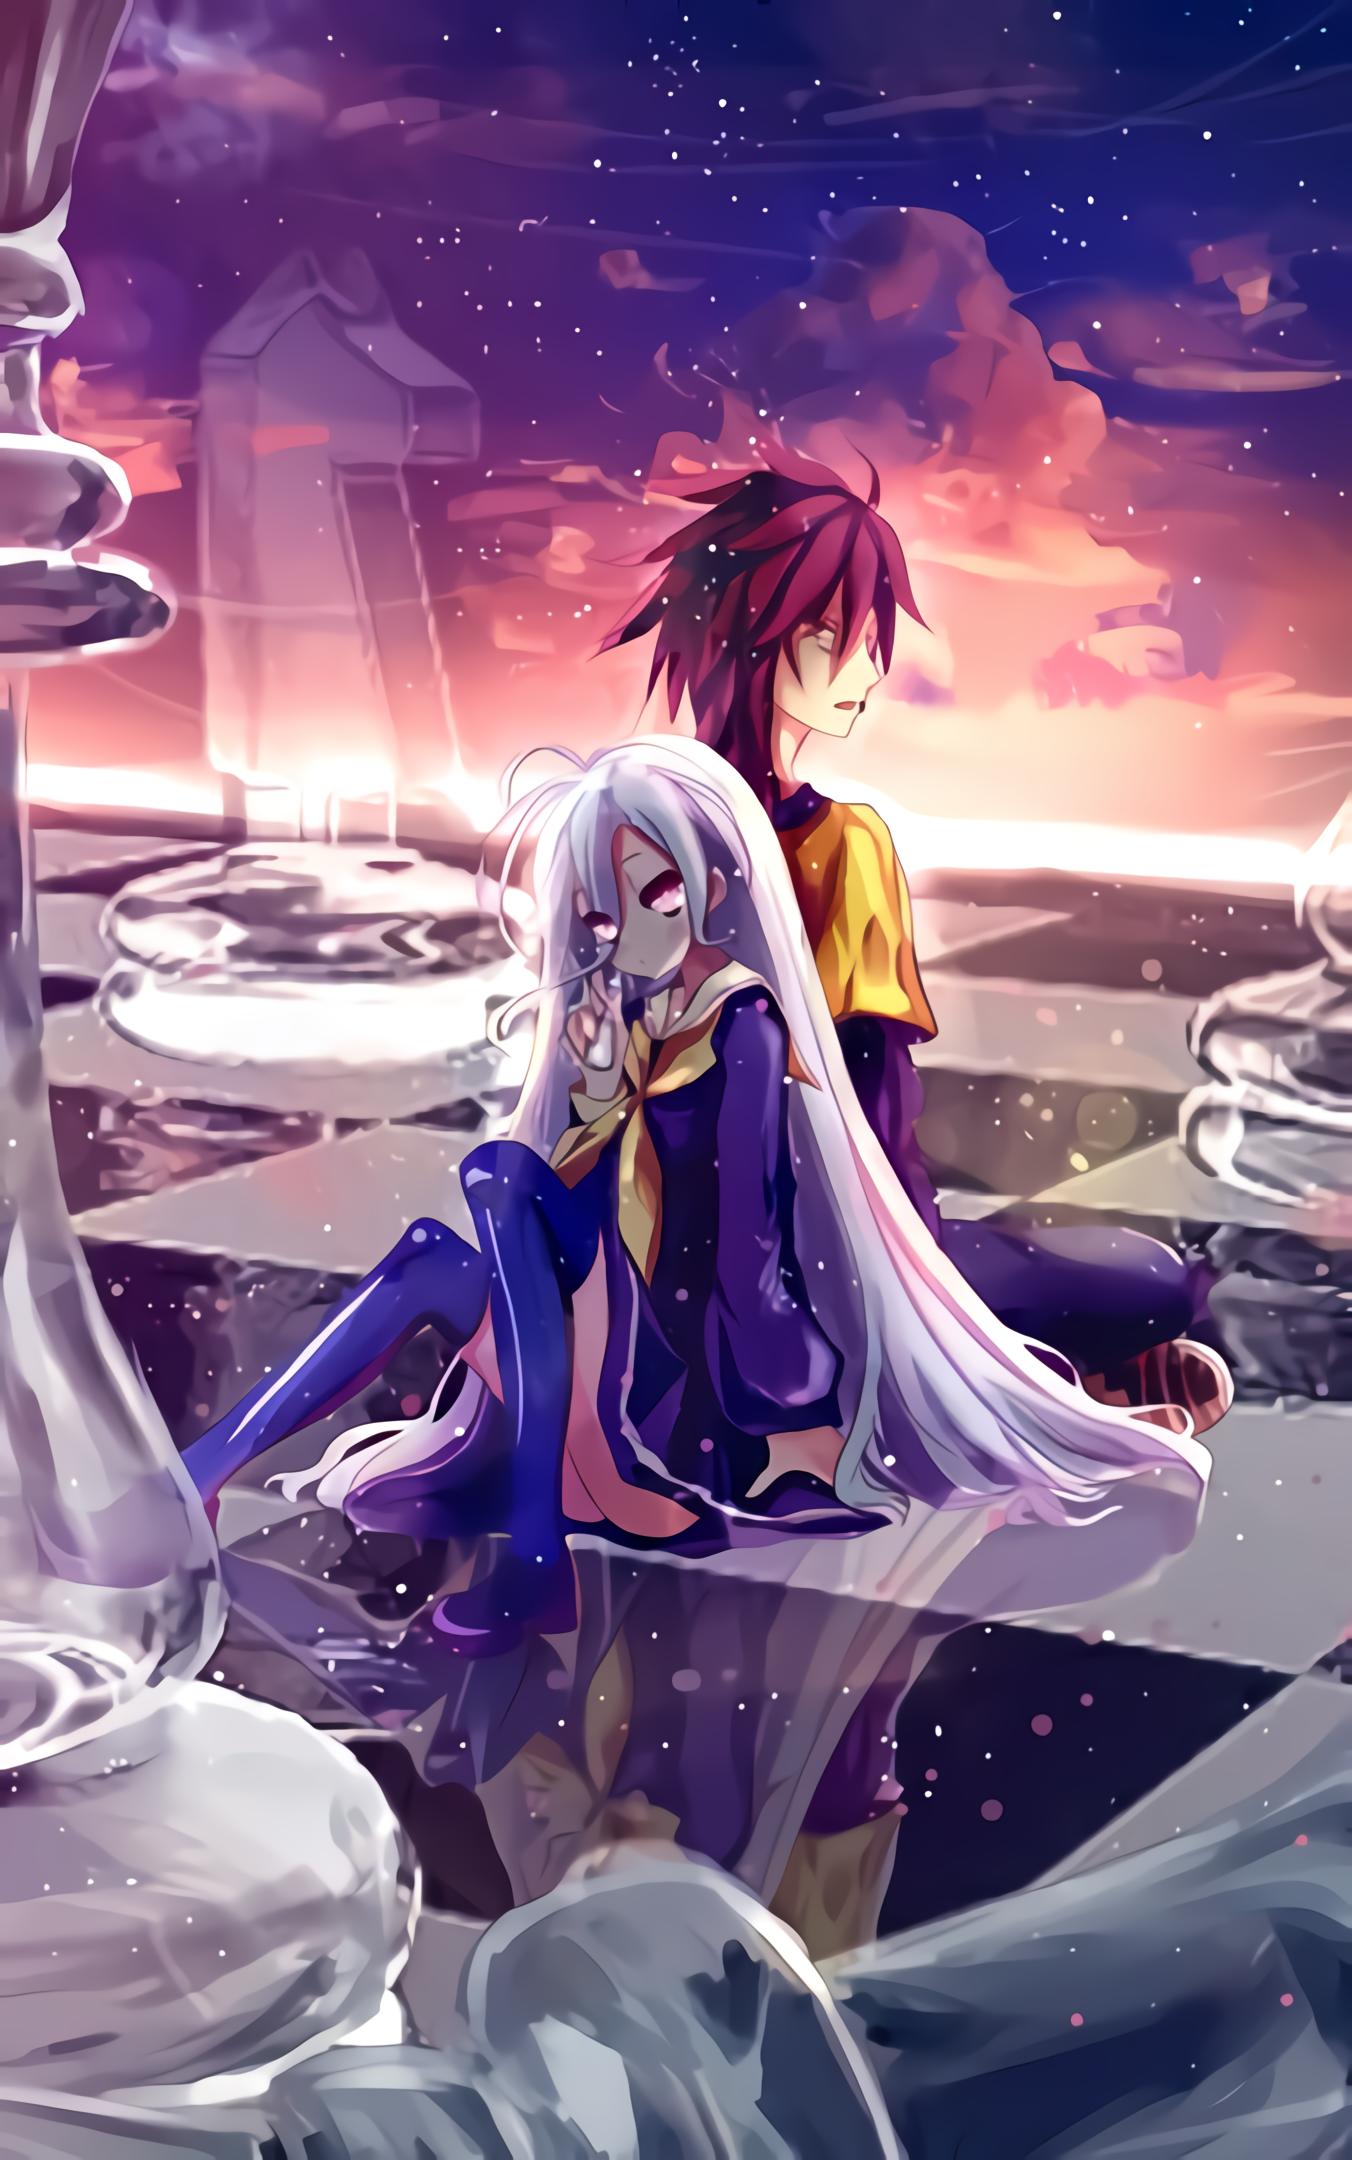 Ngnl 1352x2160 Personagens De Anime Jogo Da Vida Filmes De Anime